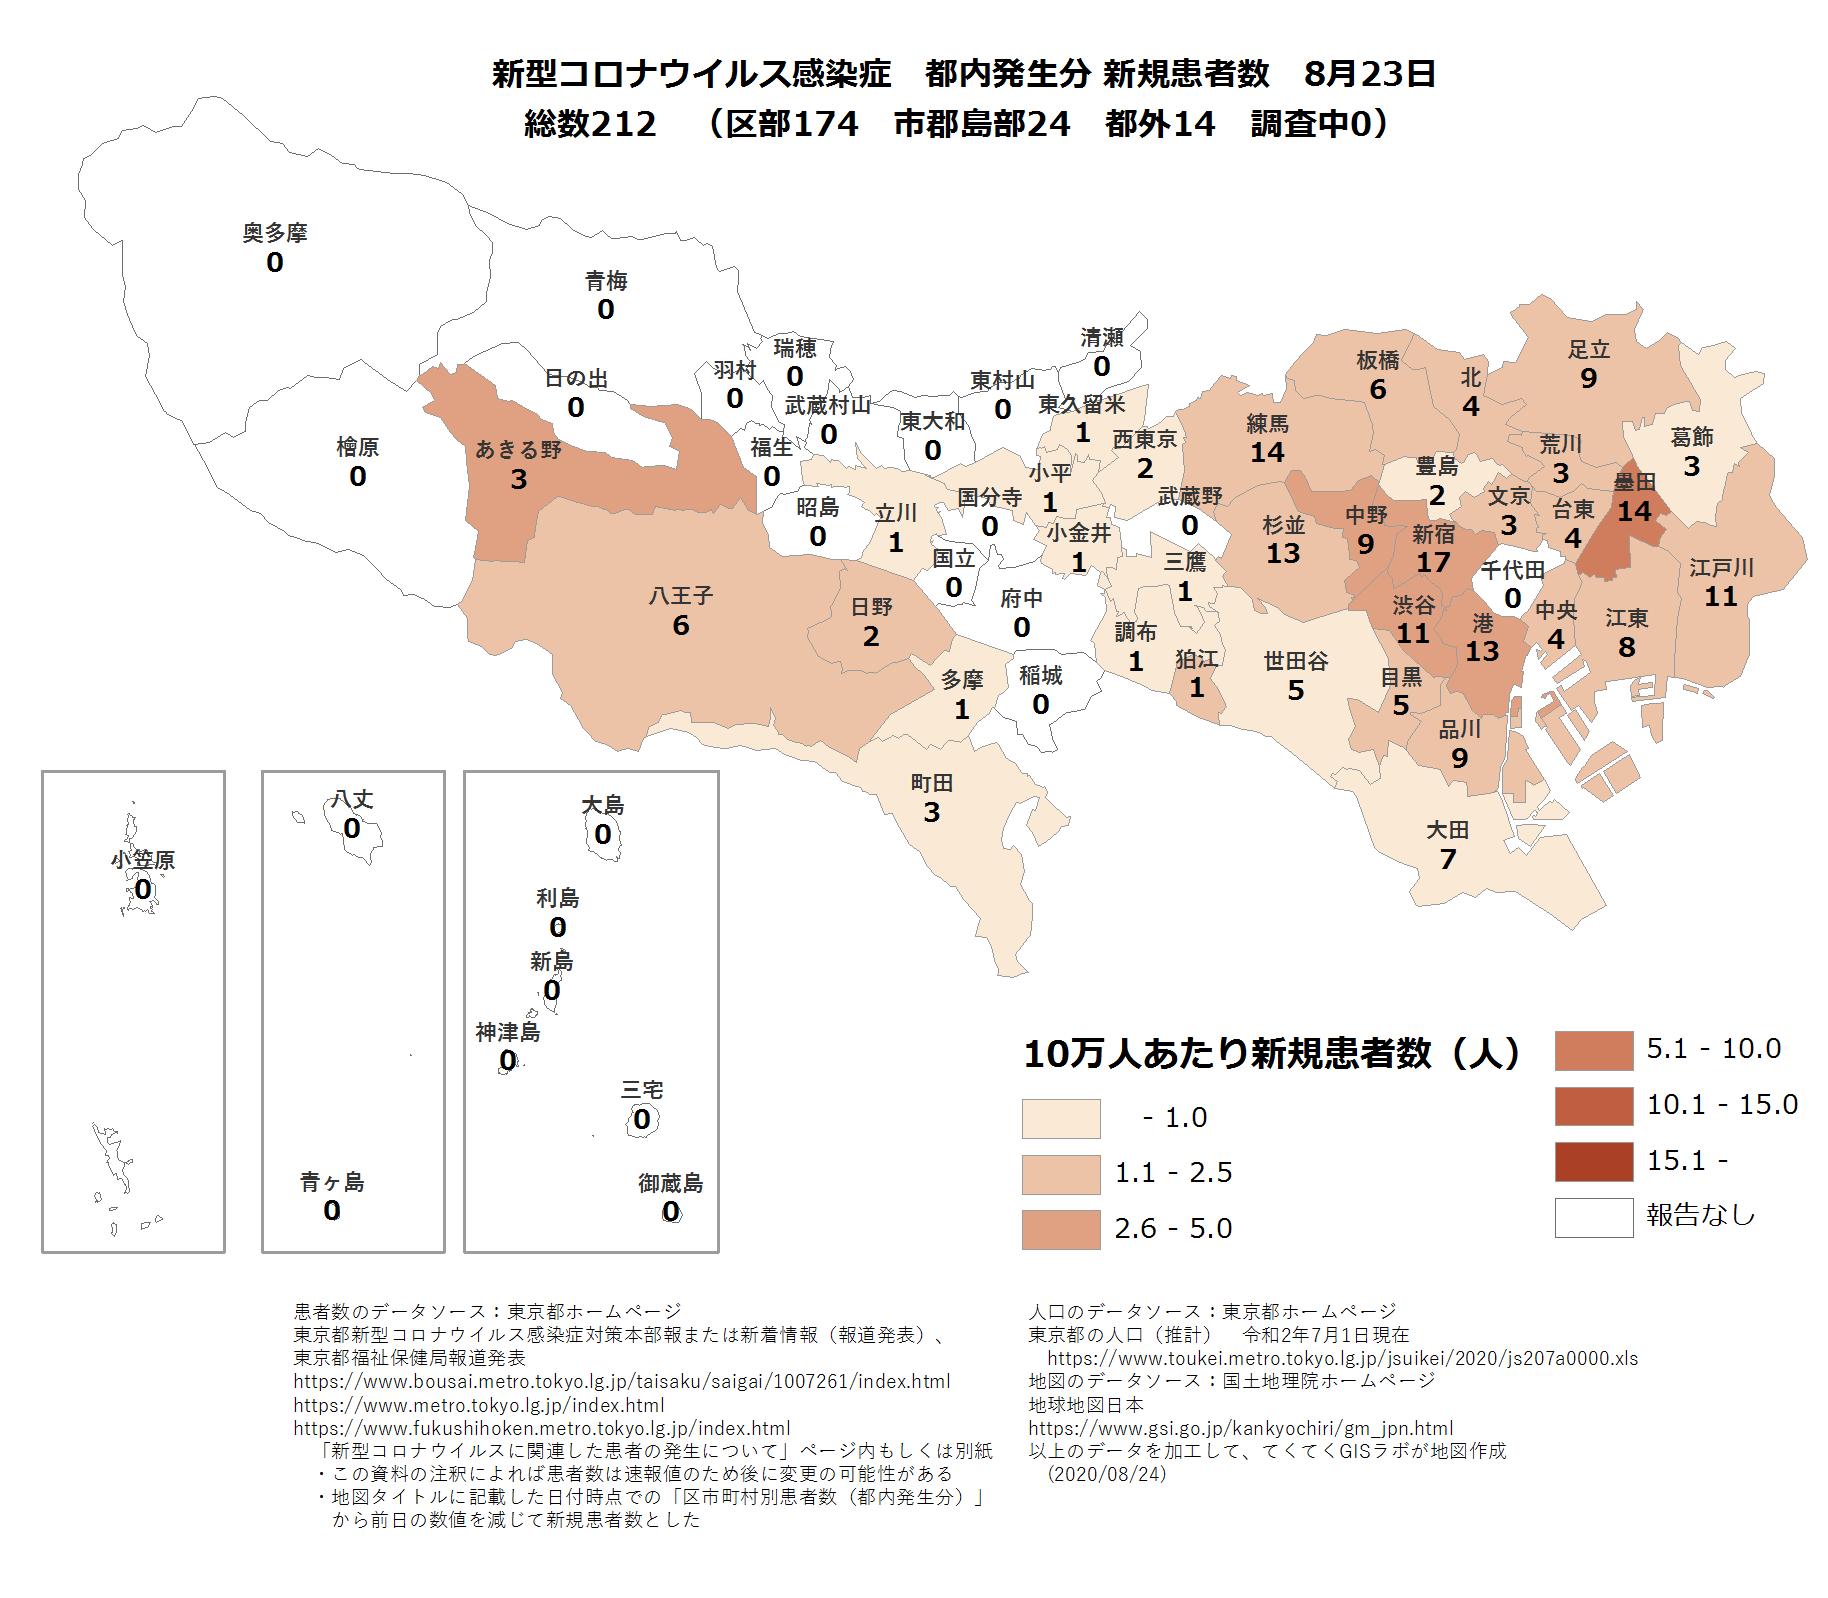 市区町村ごと新規患者数8月23日東京